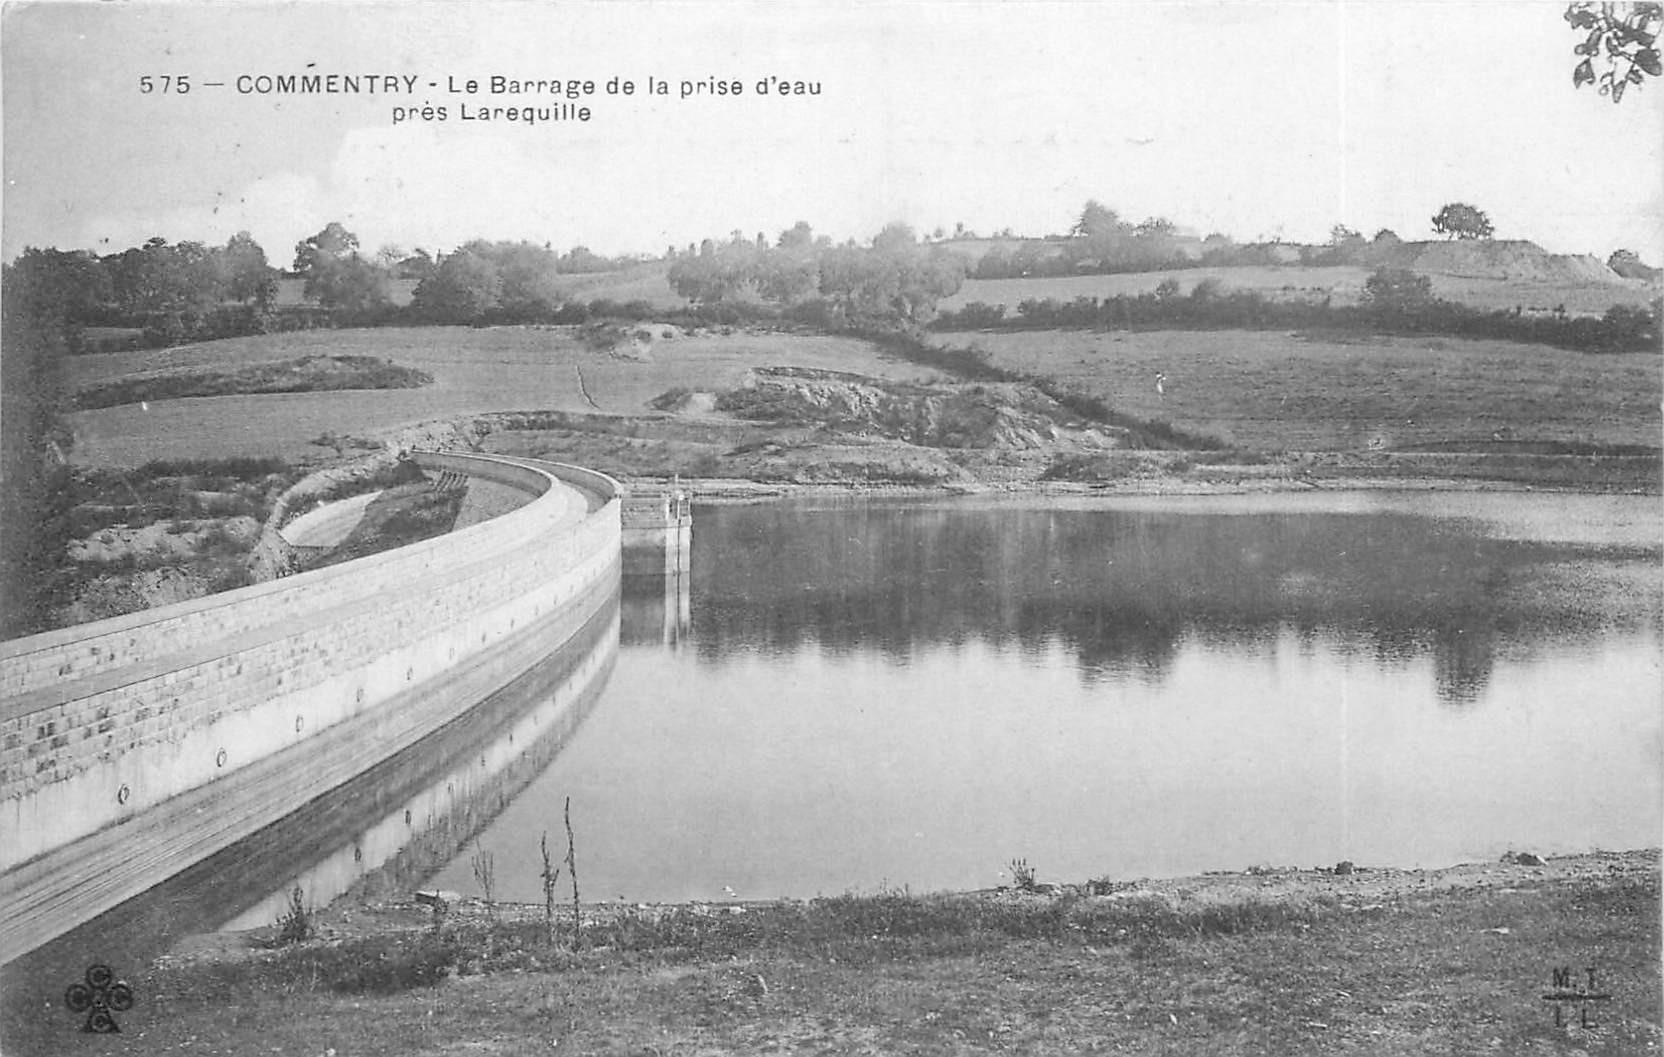 03 COMMENTRY. Barrage près de Larequille